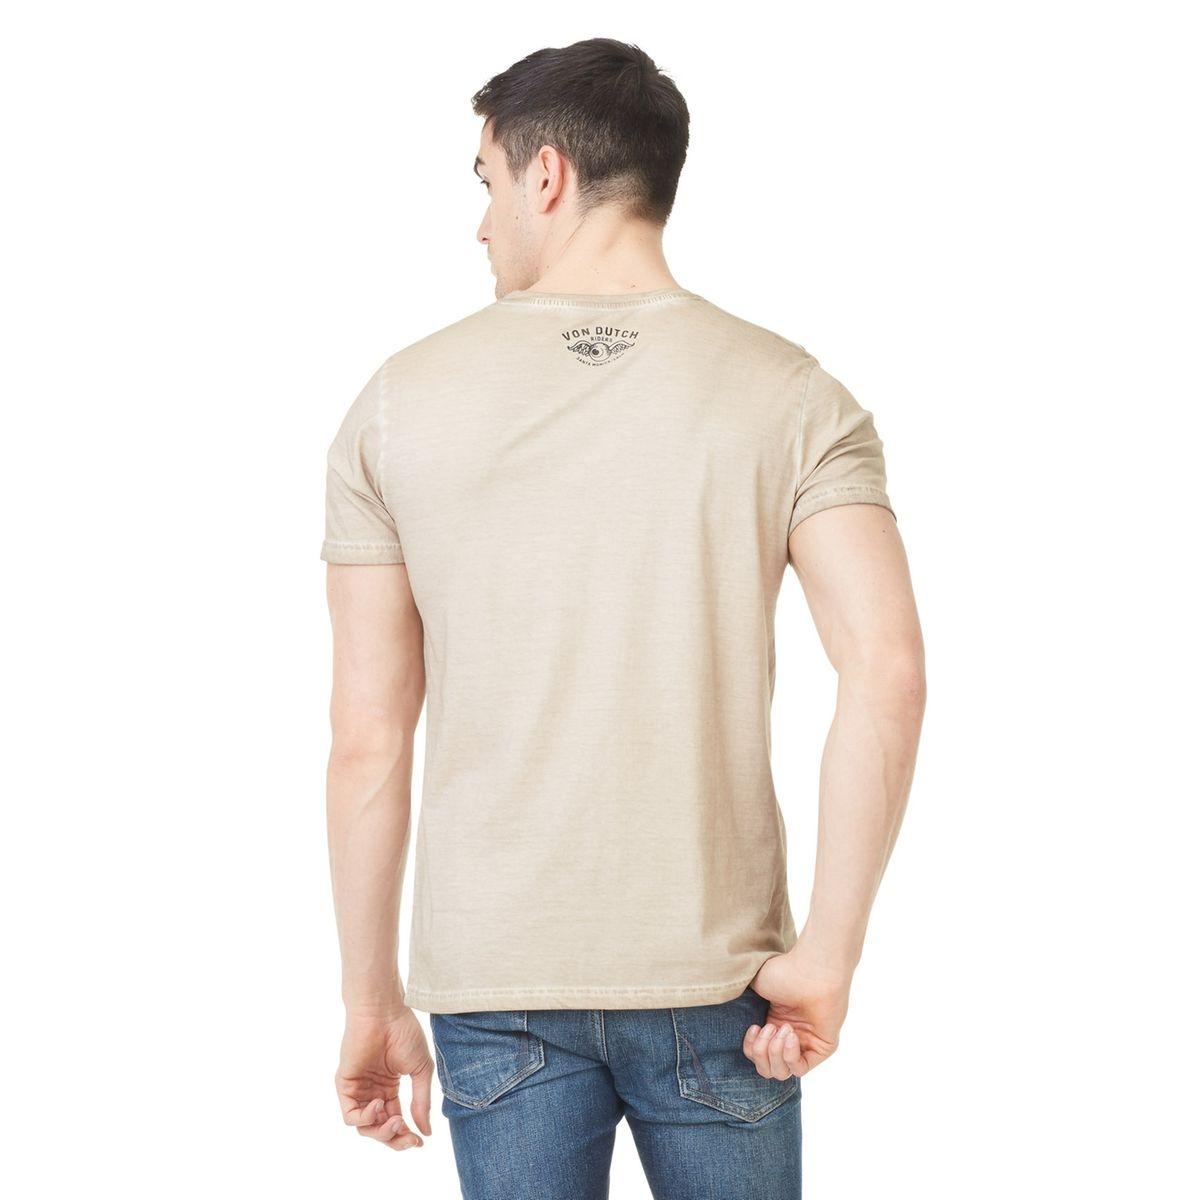 d1325c4363c67 T-shirt VON DUTCH 𝗽𝗮𝘀 𝗰𝗵𝗲𝗿 - Mes Fringues